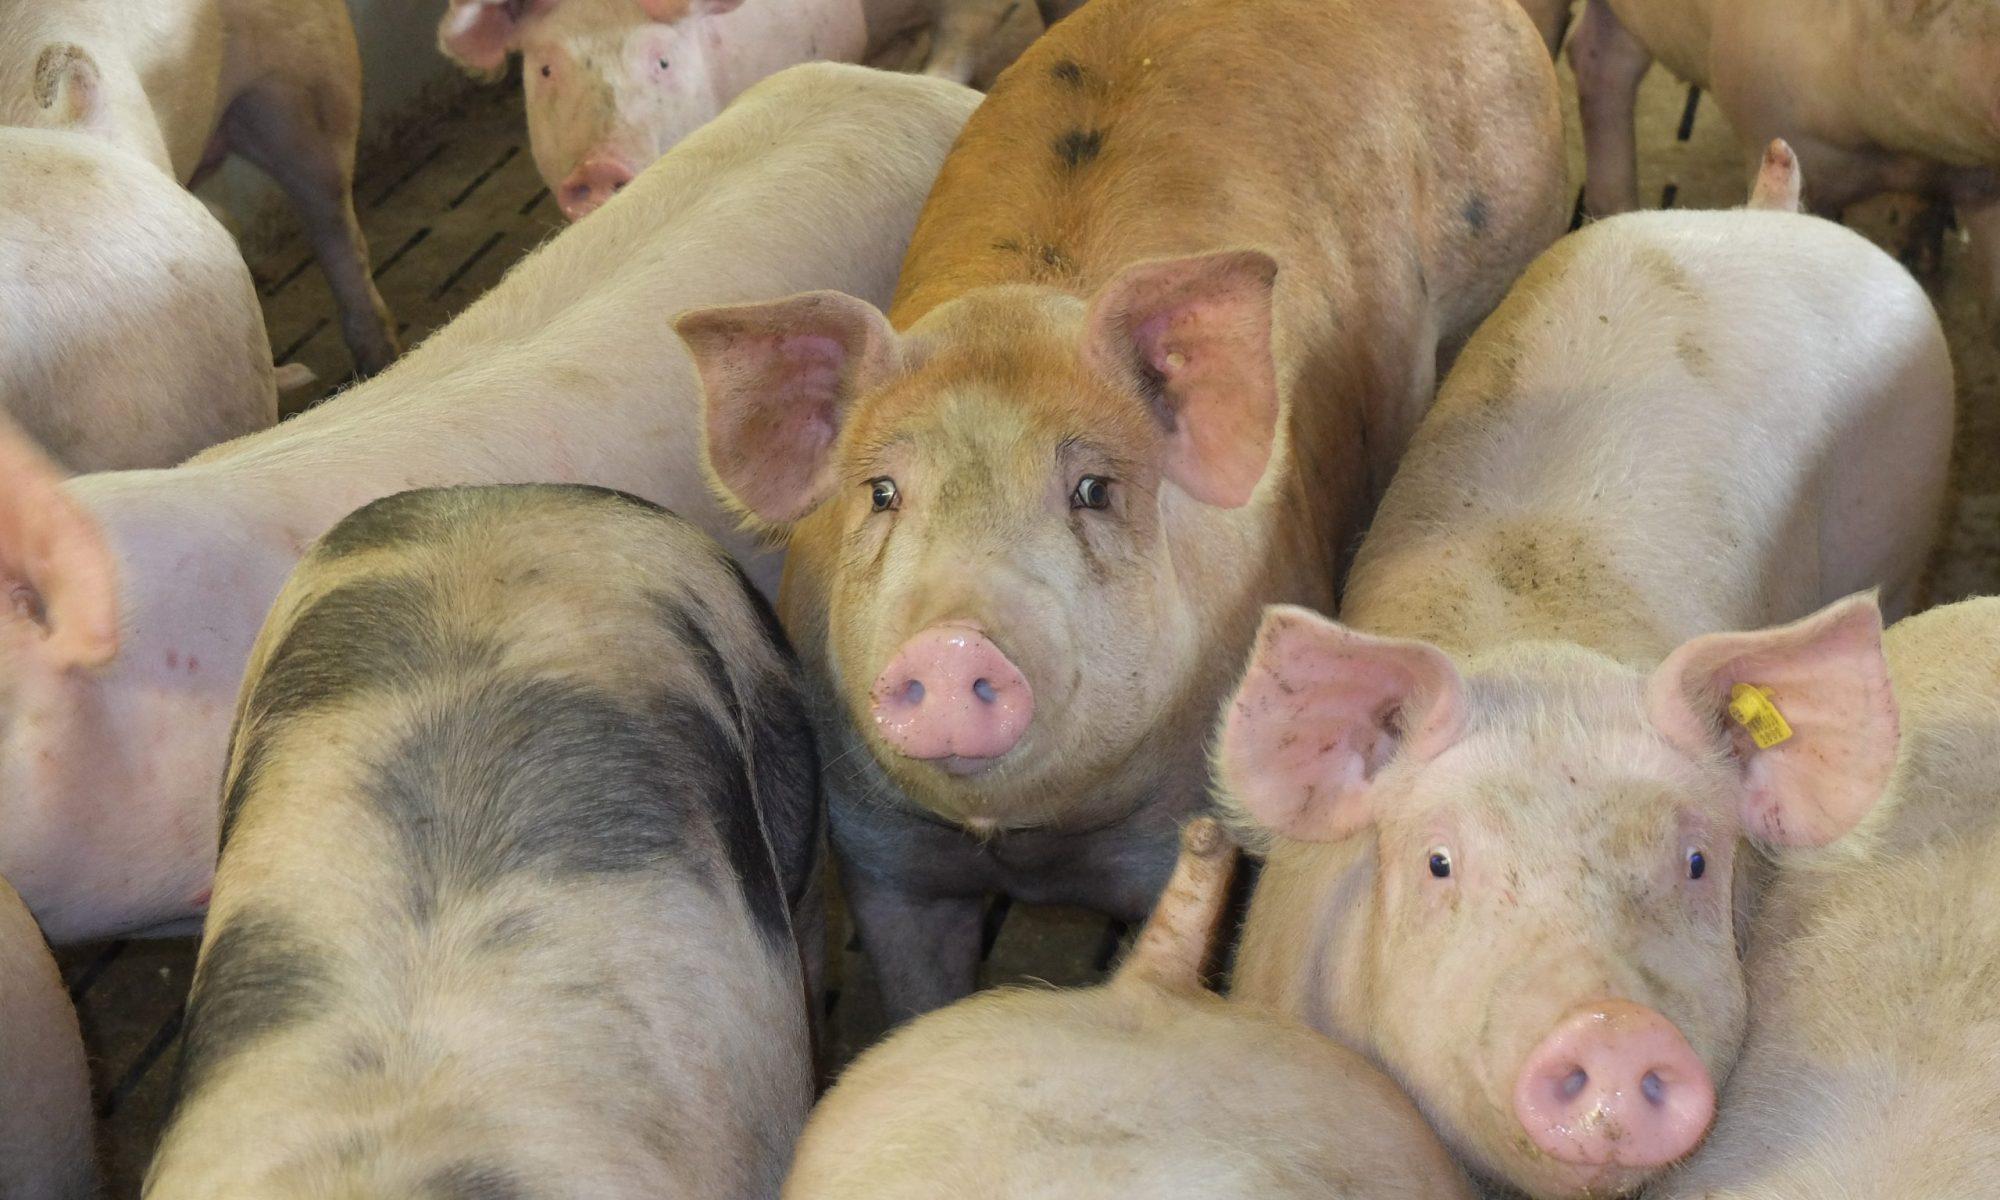 Es geht wieder bergab mit dem Schweinepreis